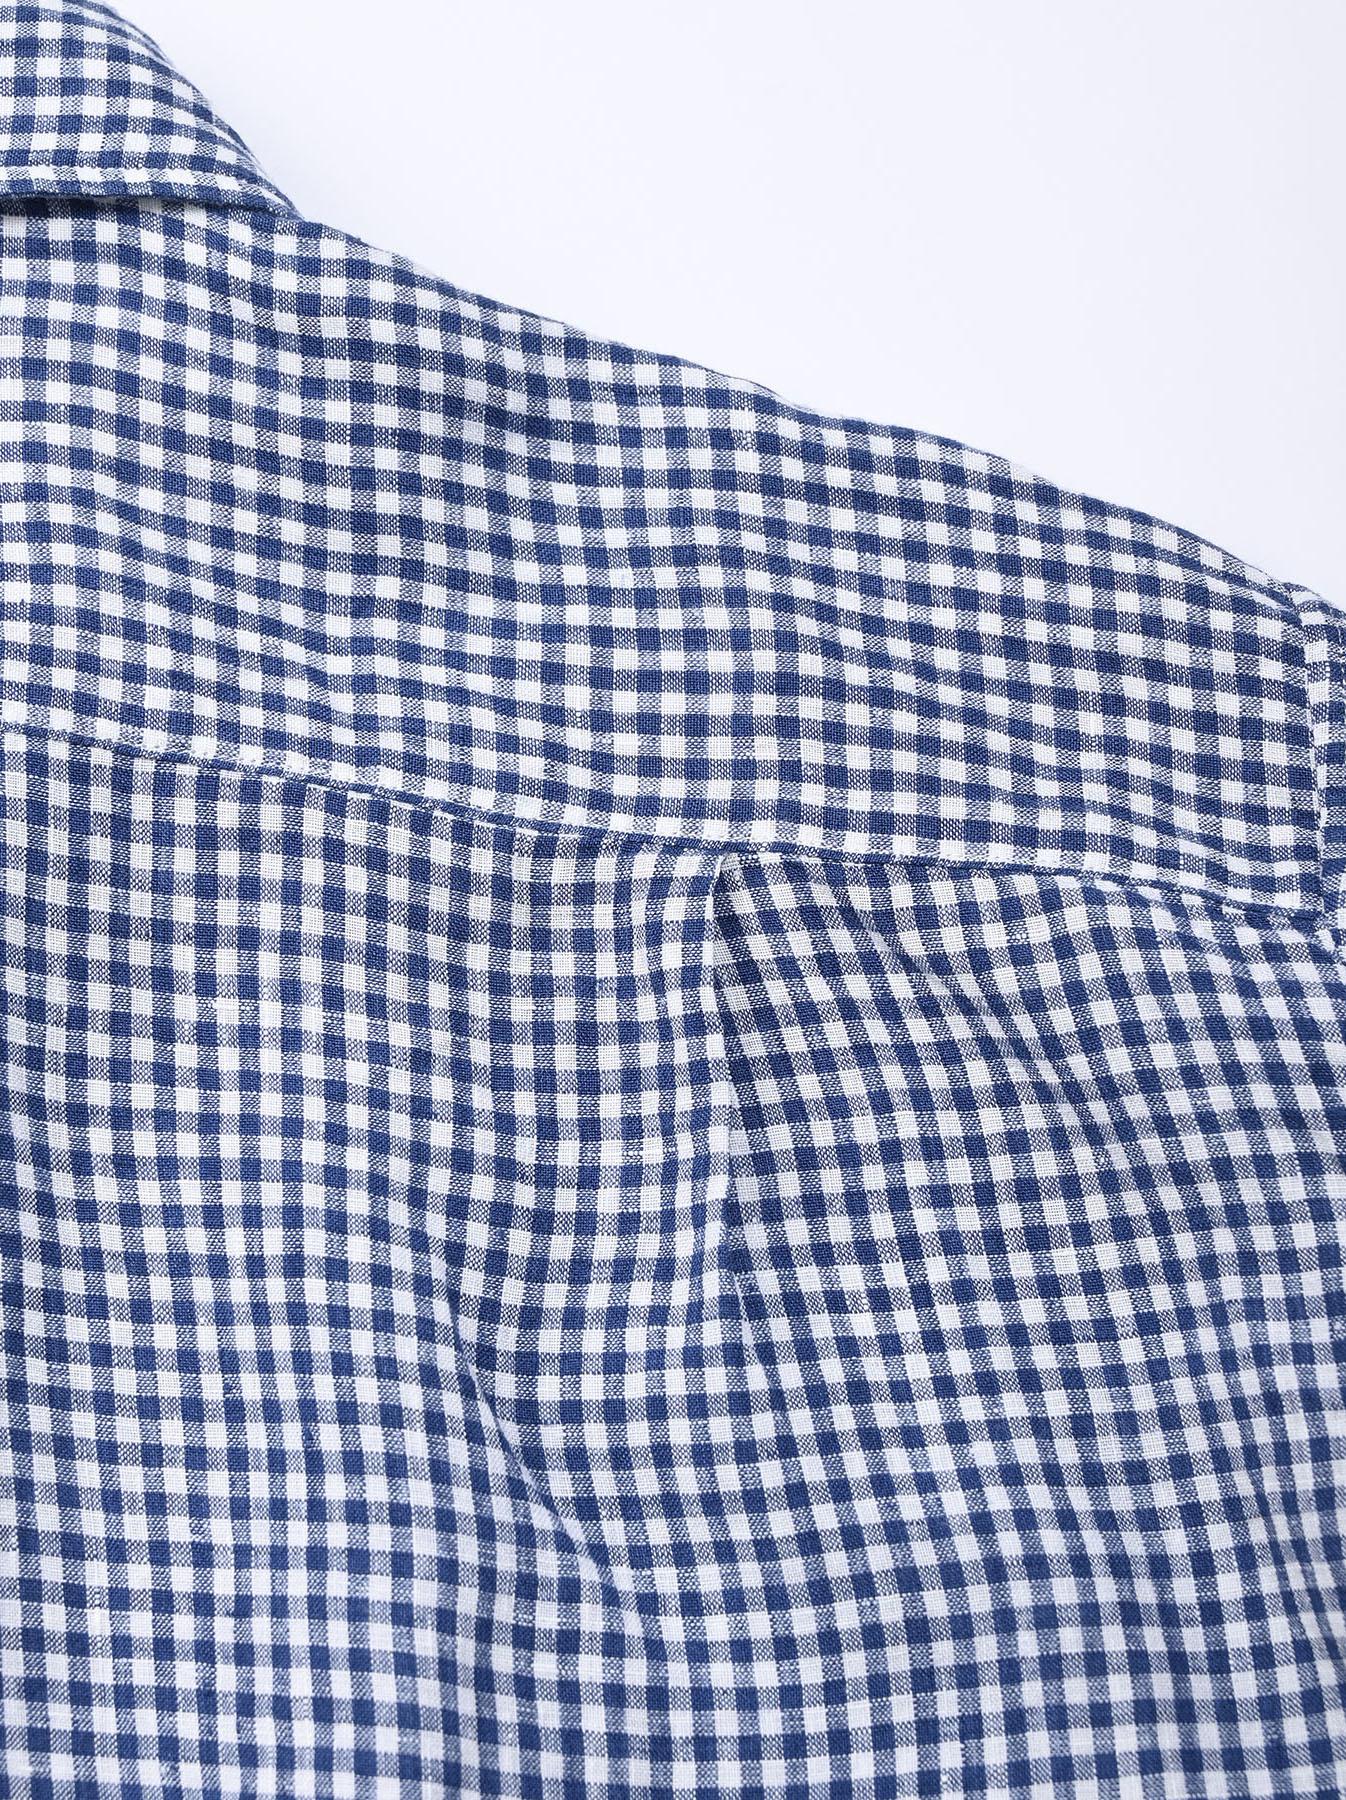 Indian Linen Flat 908 Ocean Shirt (0521)-12